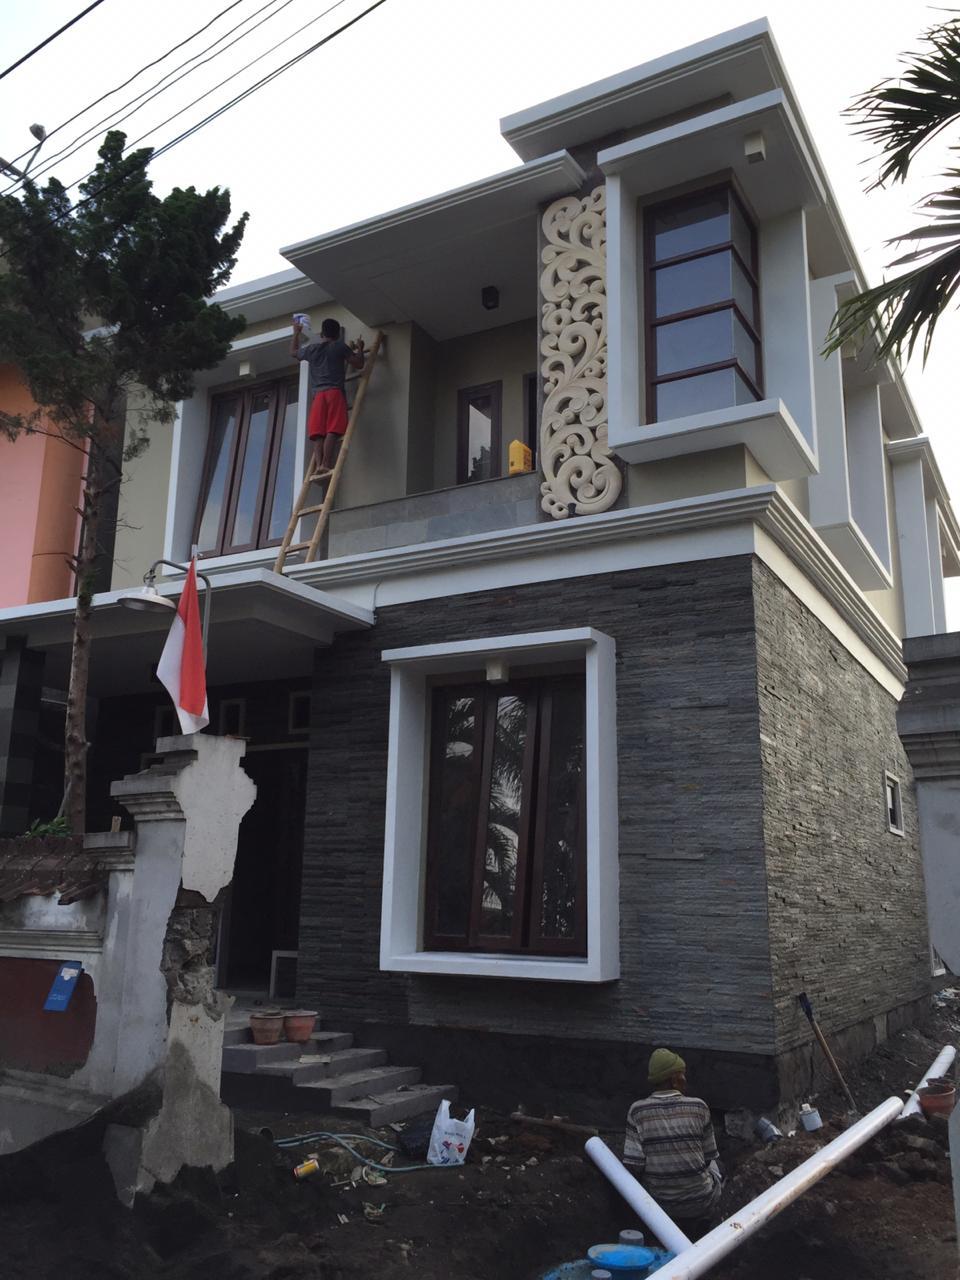 rumah Tinggal Bp Iwan Tantra Sogata